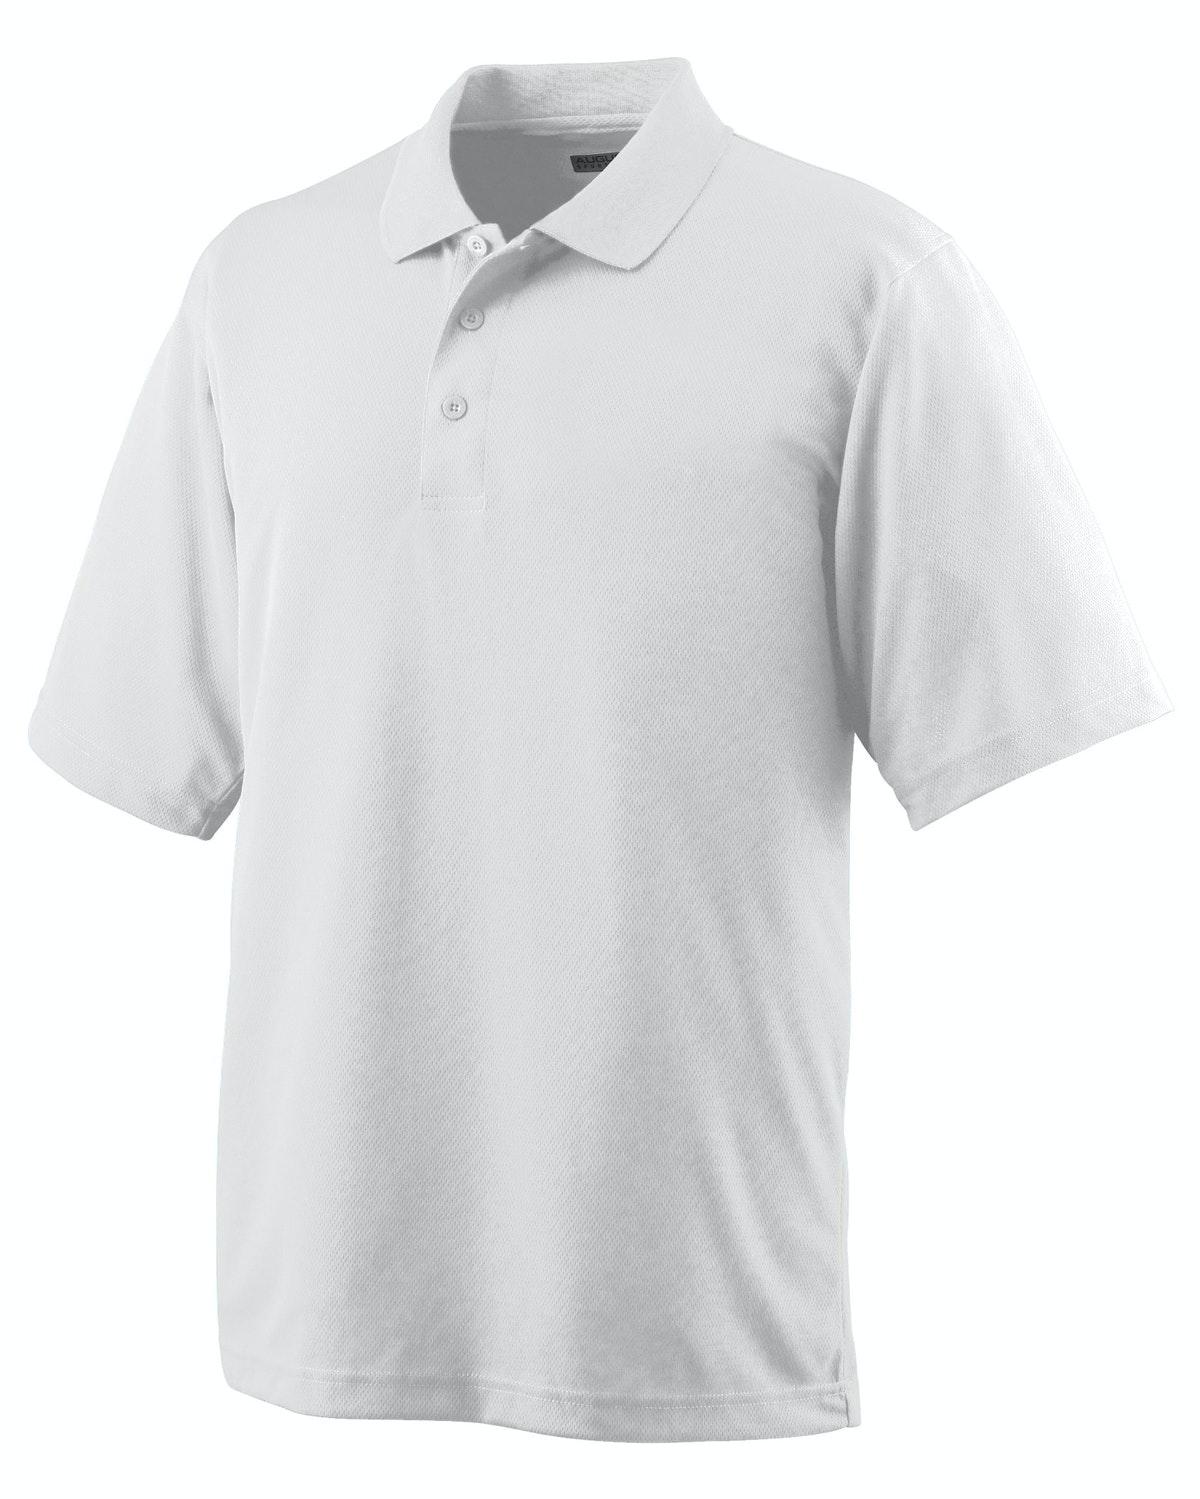 Augusta Sportswear 5095 White